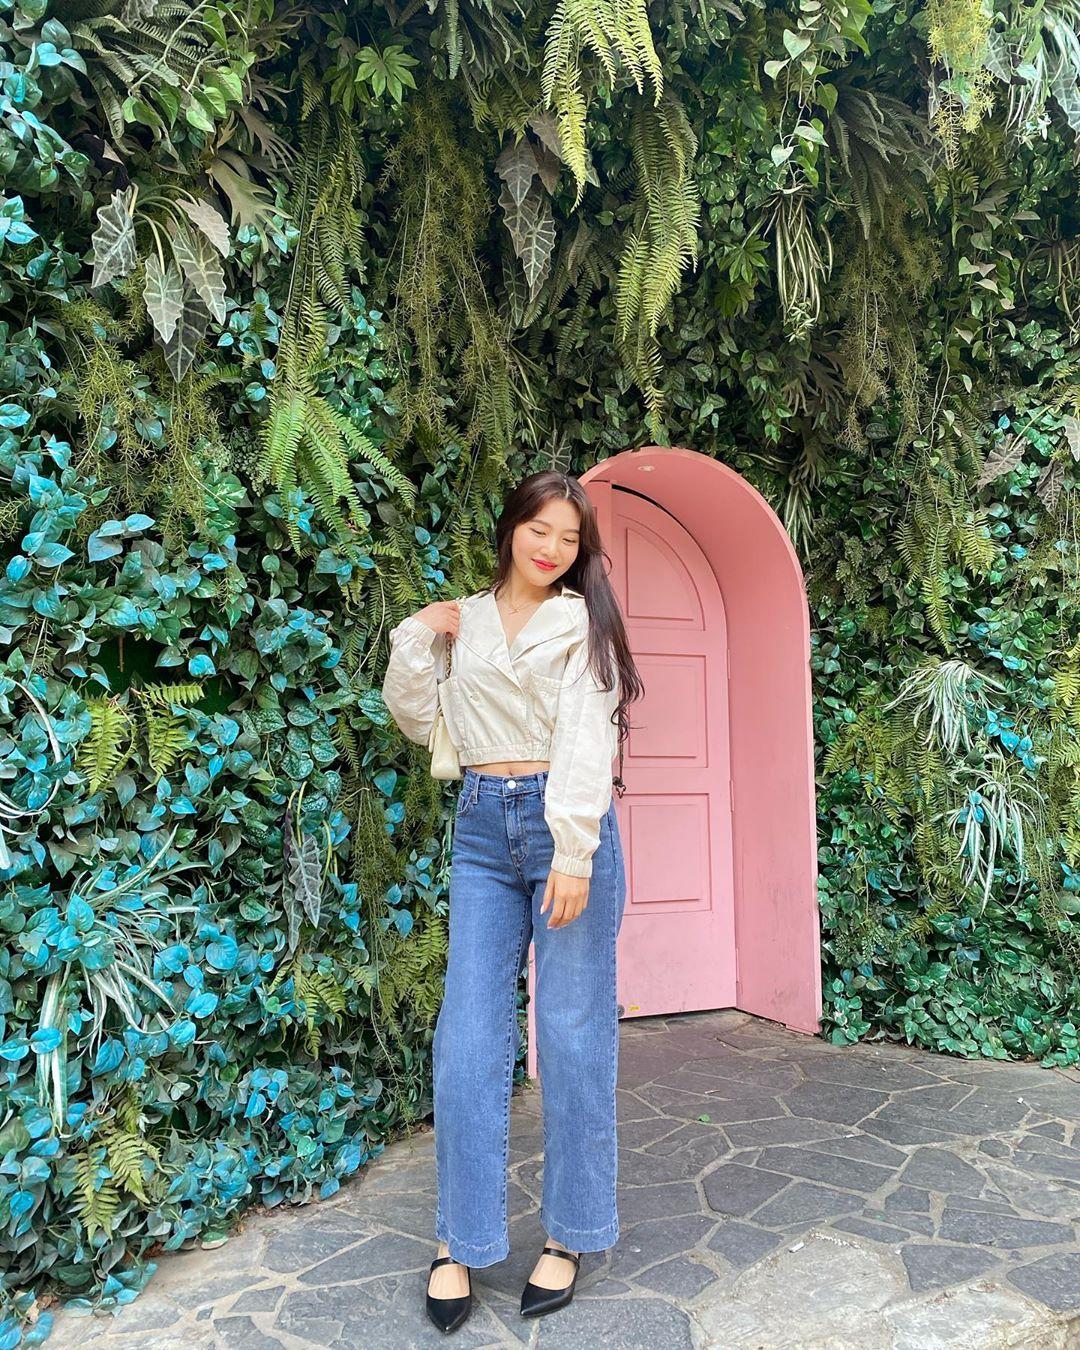 Mặc đẹp cho dáng người quả lê như Joy với quần jeans ống rộng